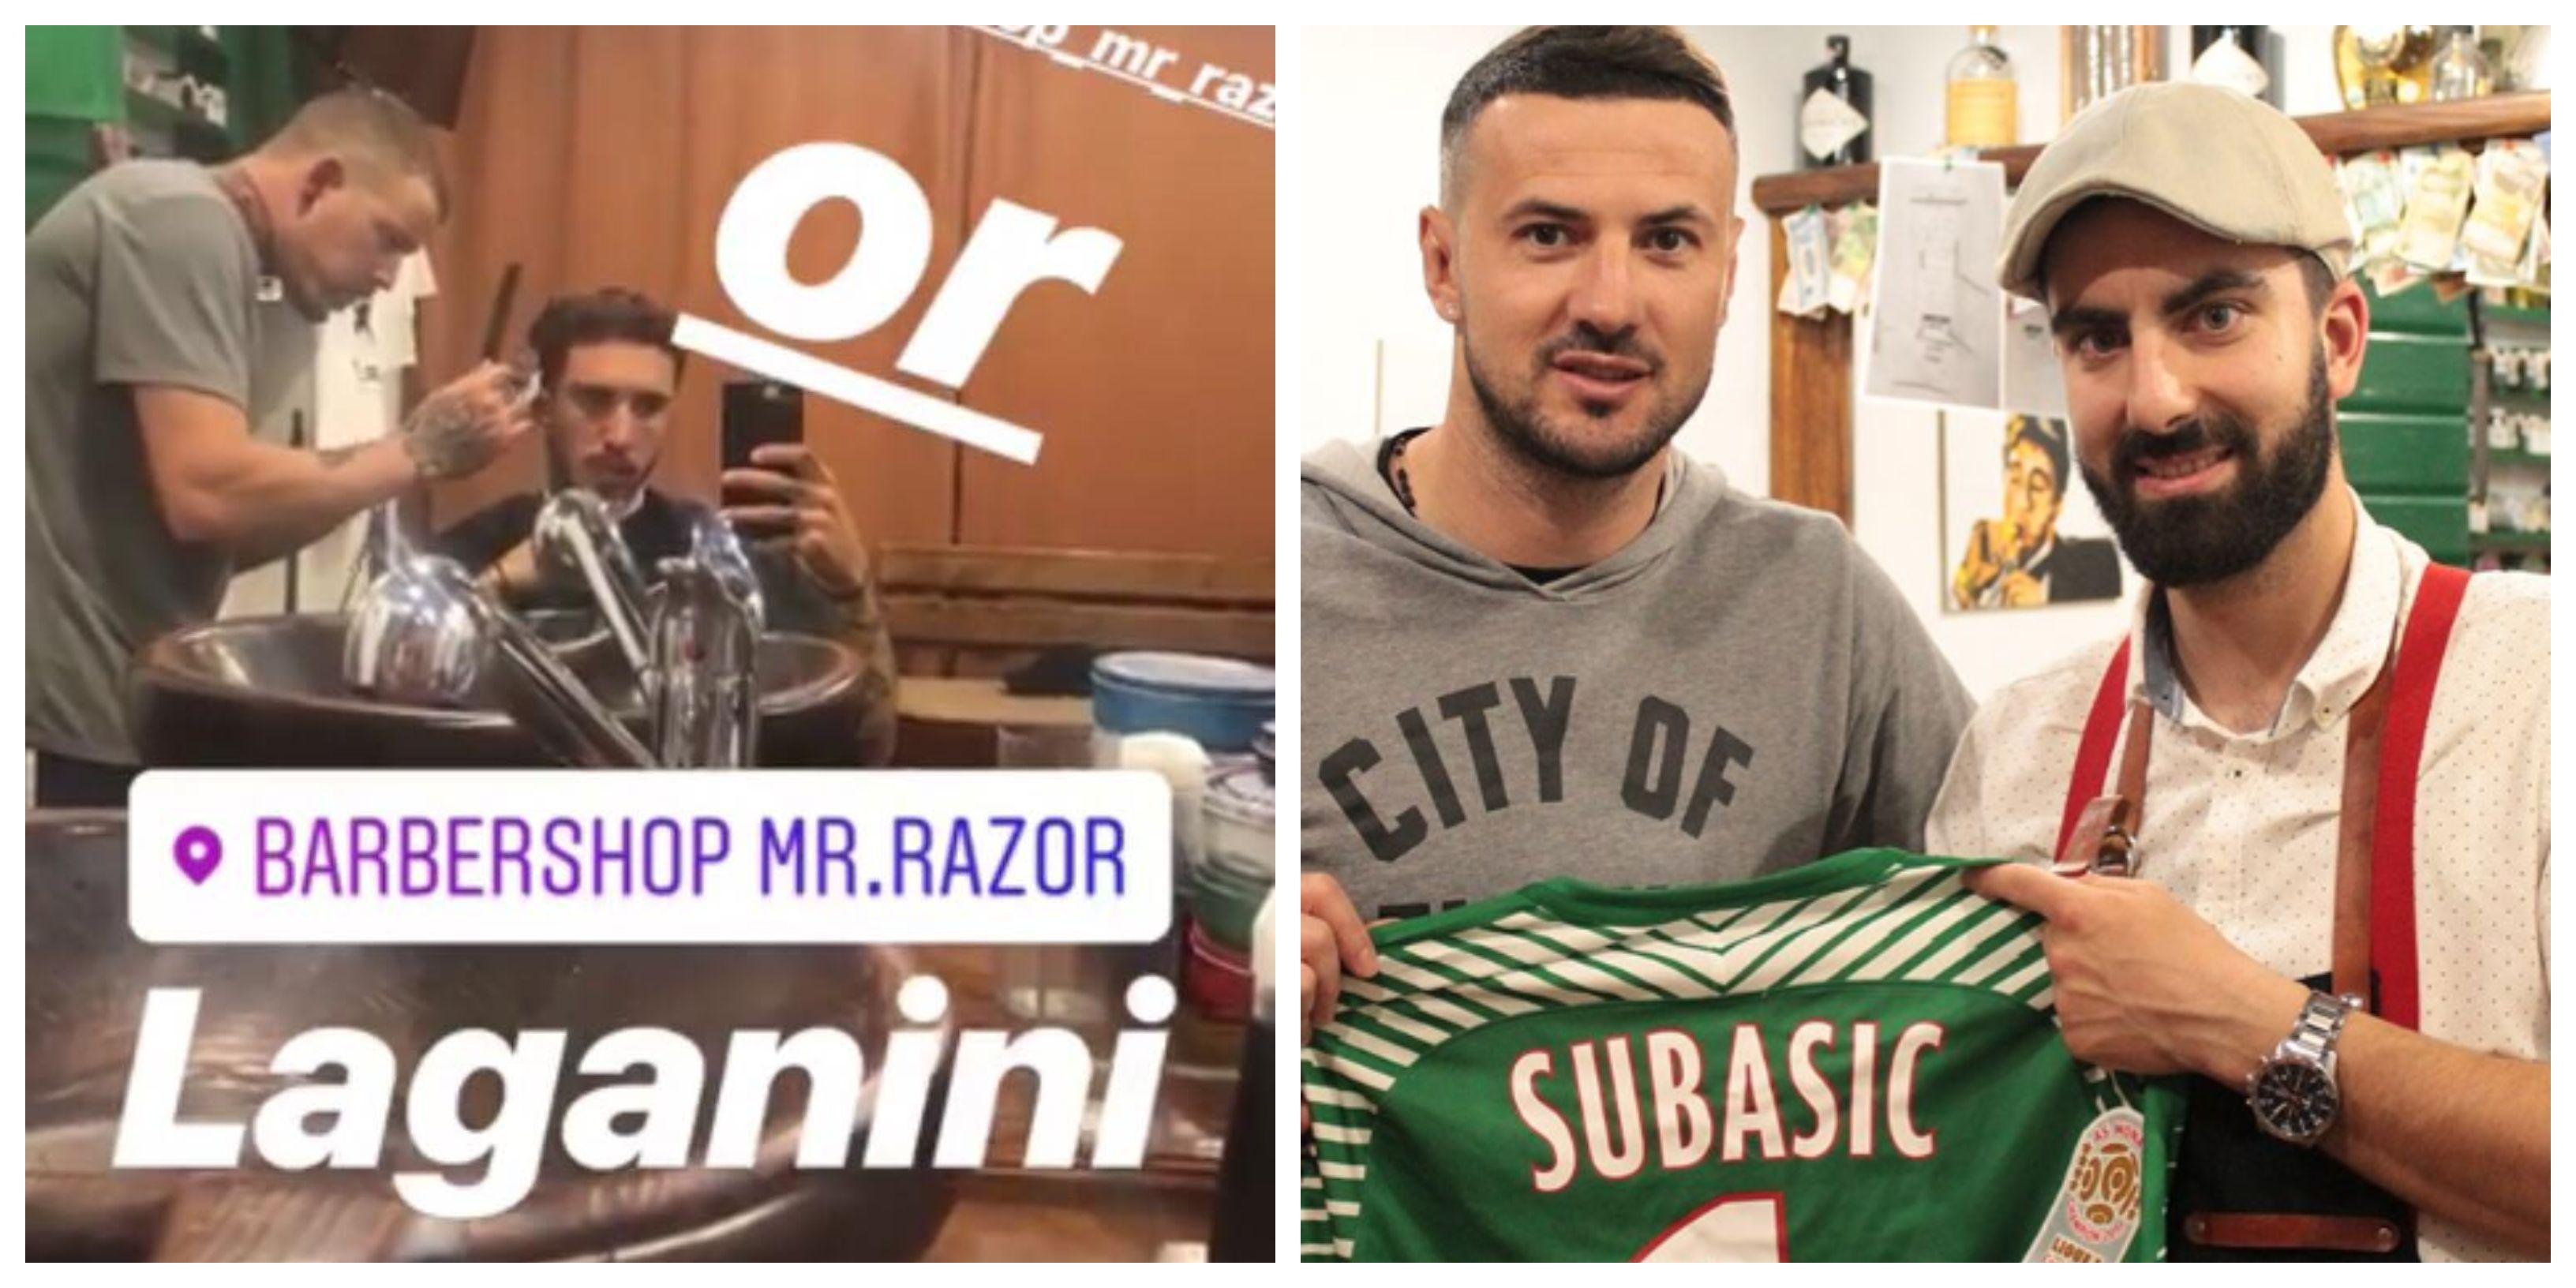 Kod barbera Ivana brade i frizure uređuju Subašić, Vrsaljko, Borna Ćorić i drugi sportaši